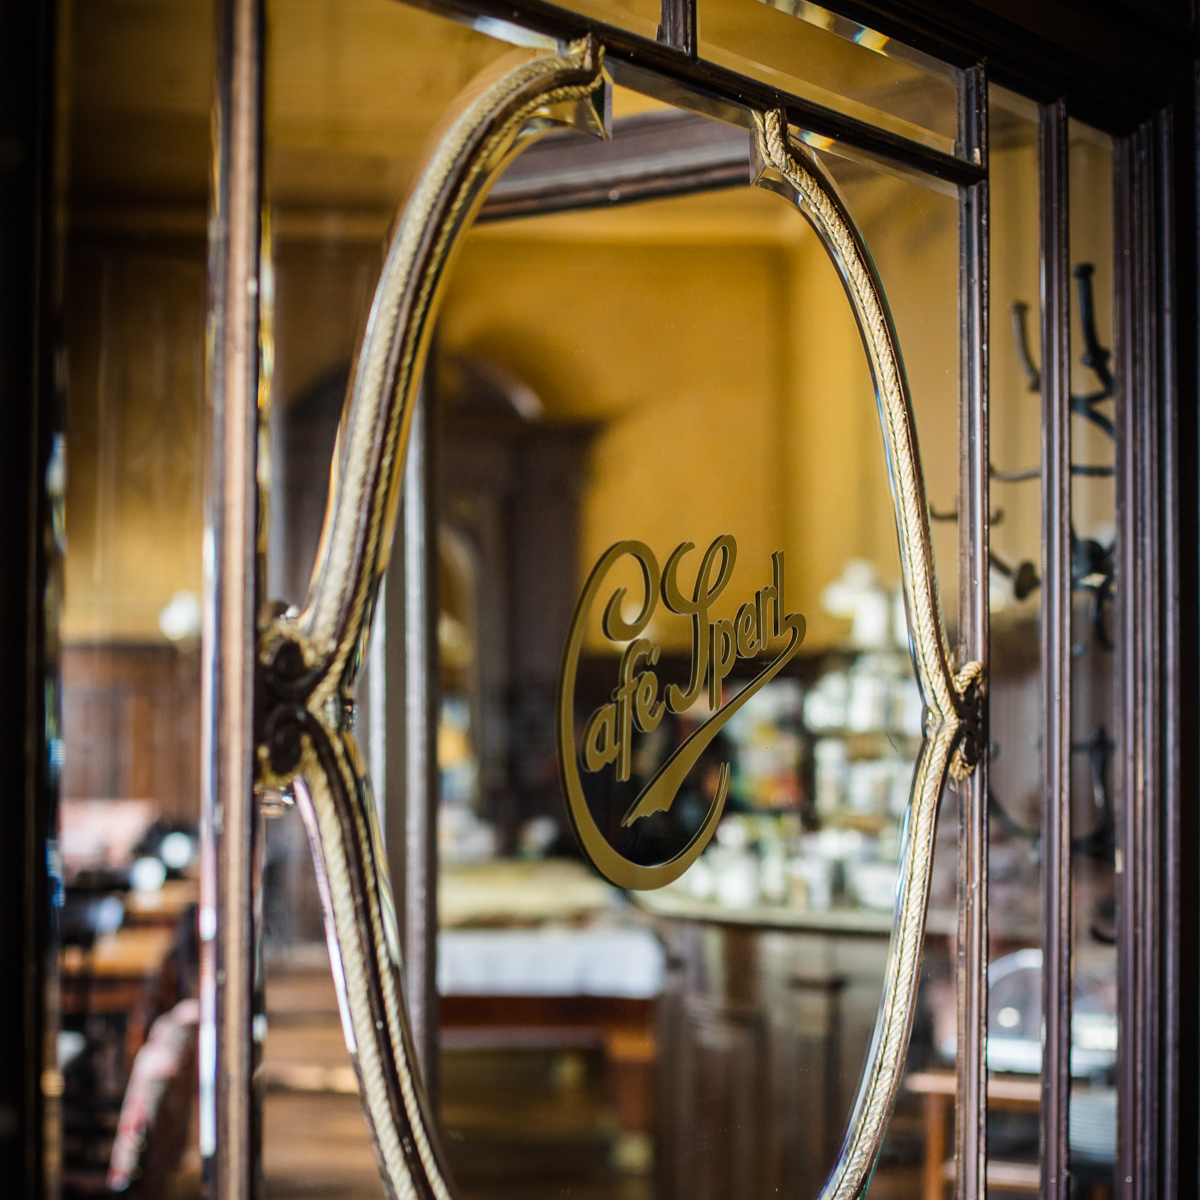 Kaffeehaus Café Sperl in Wien